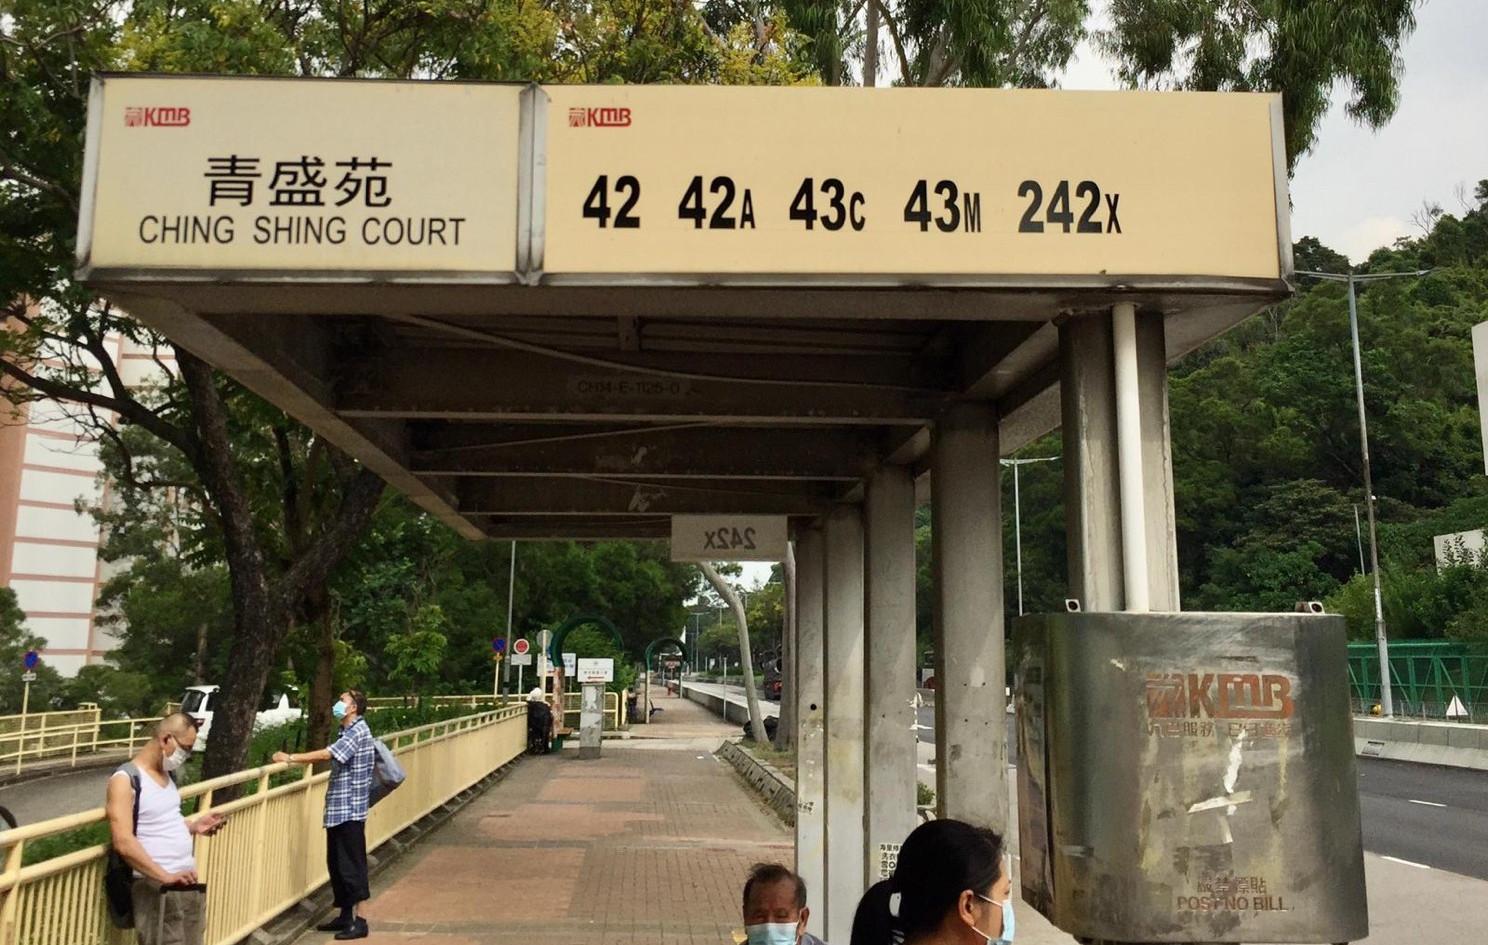 青盛苑巴士站2.jpg